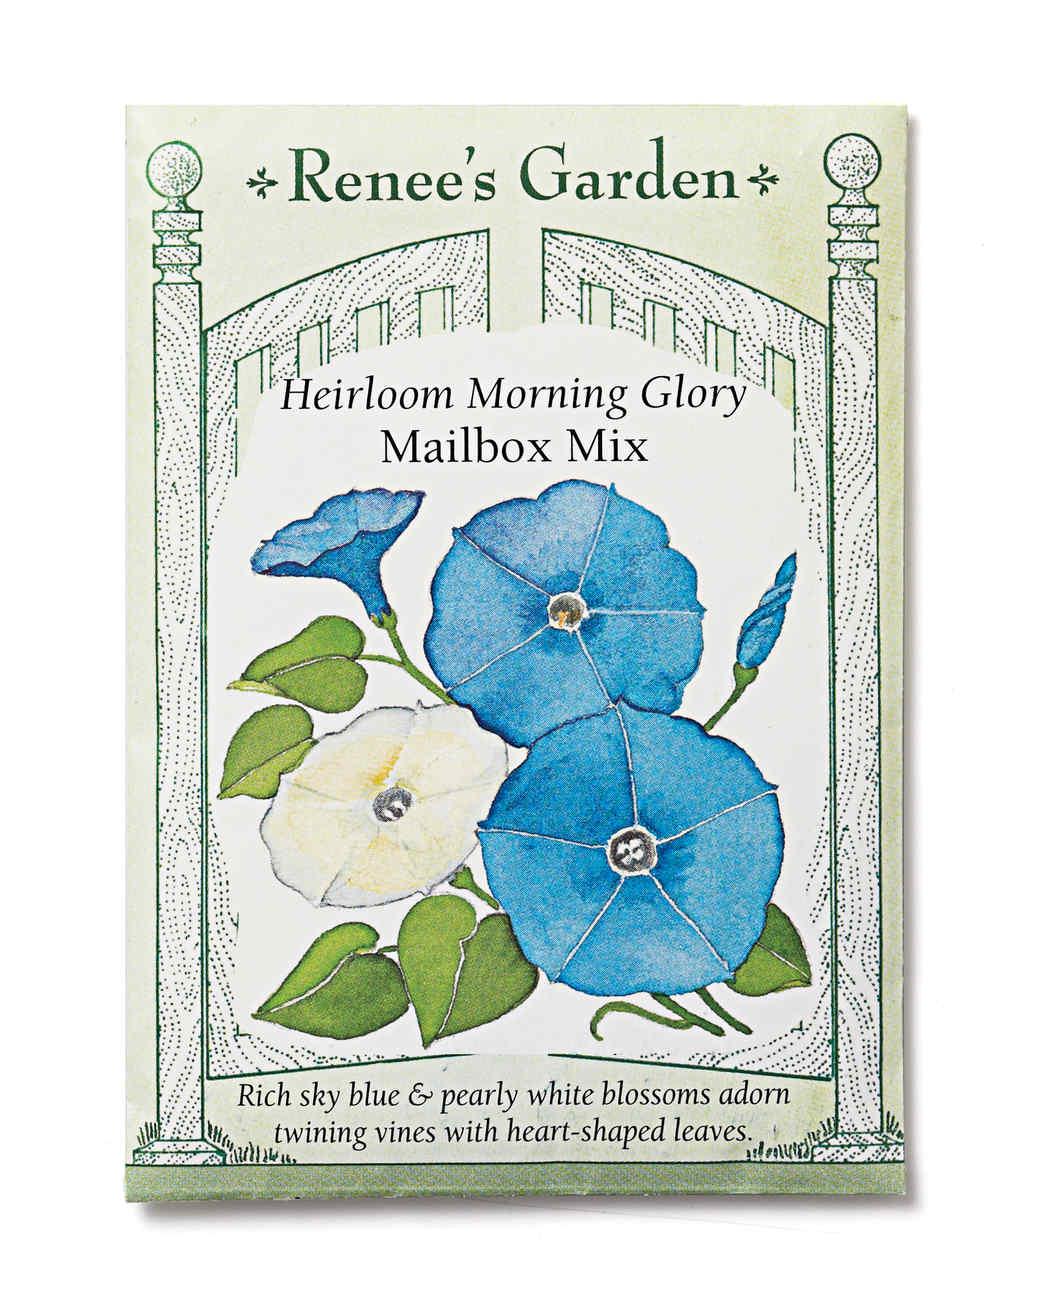 seeds-renees-038-mld110707.jpg